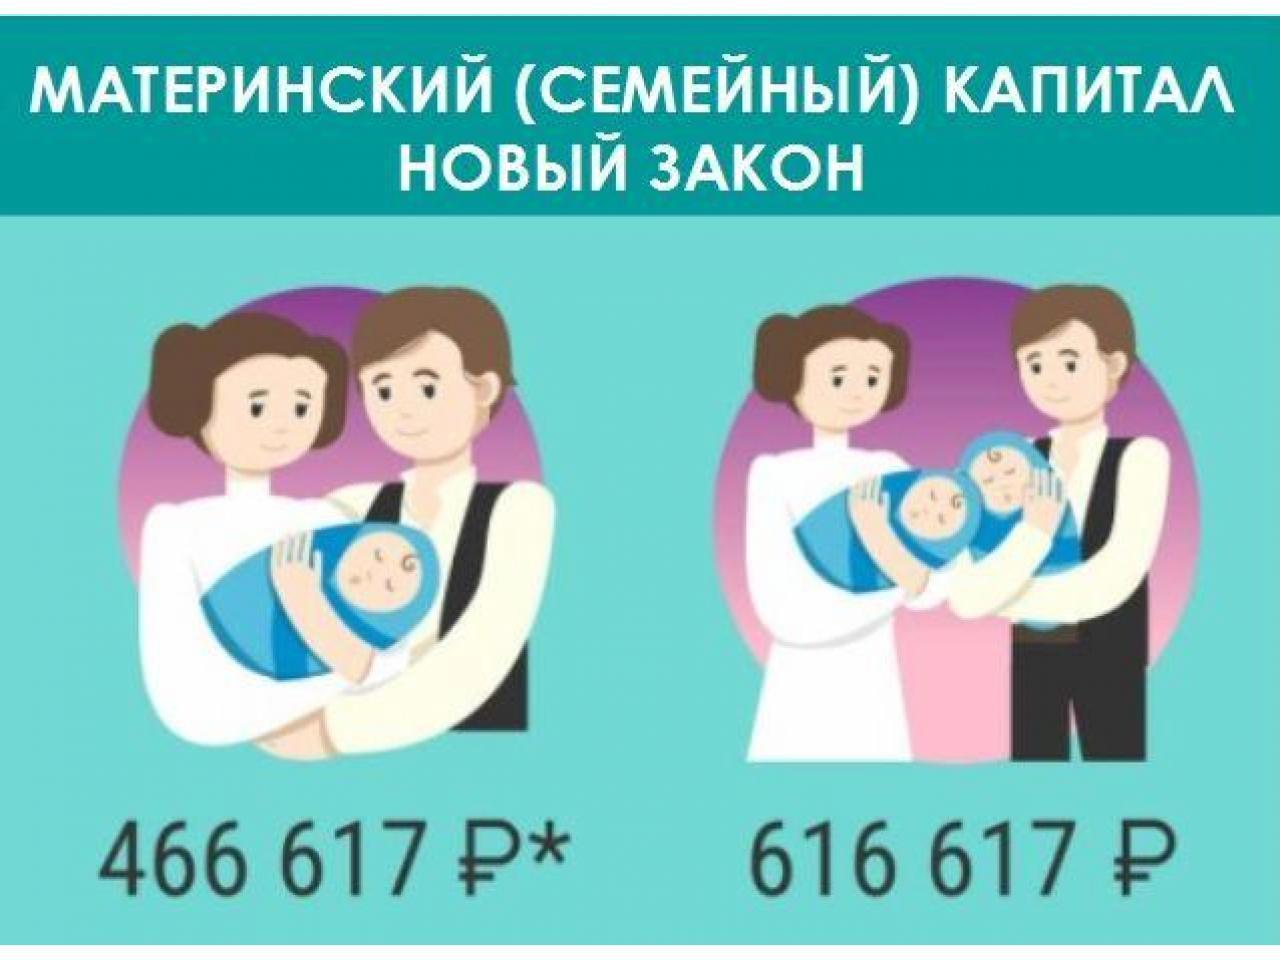 Сертификат на материнский капитал  для ребенка гражданина России! - 1